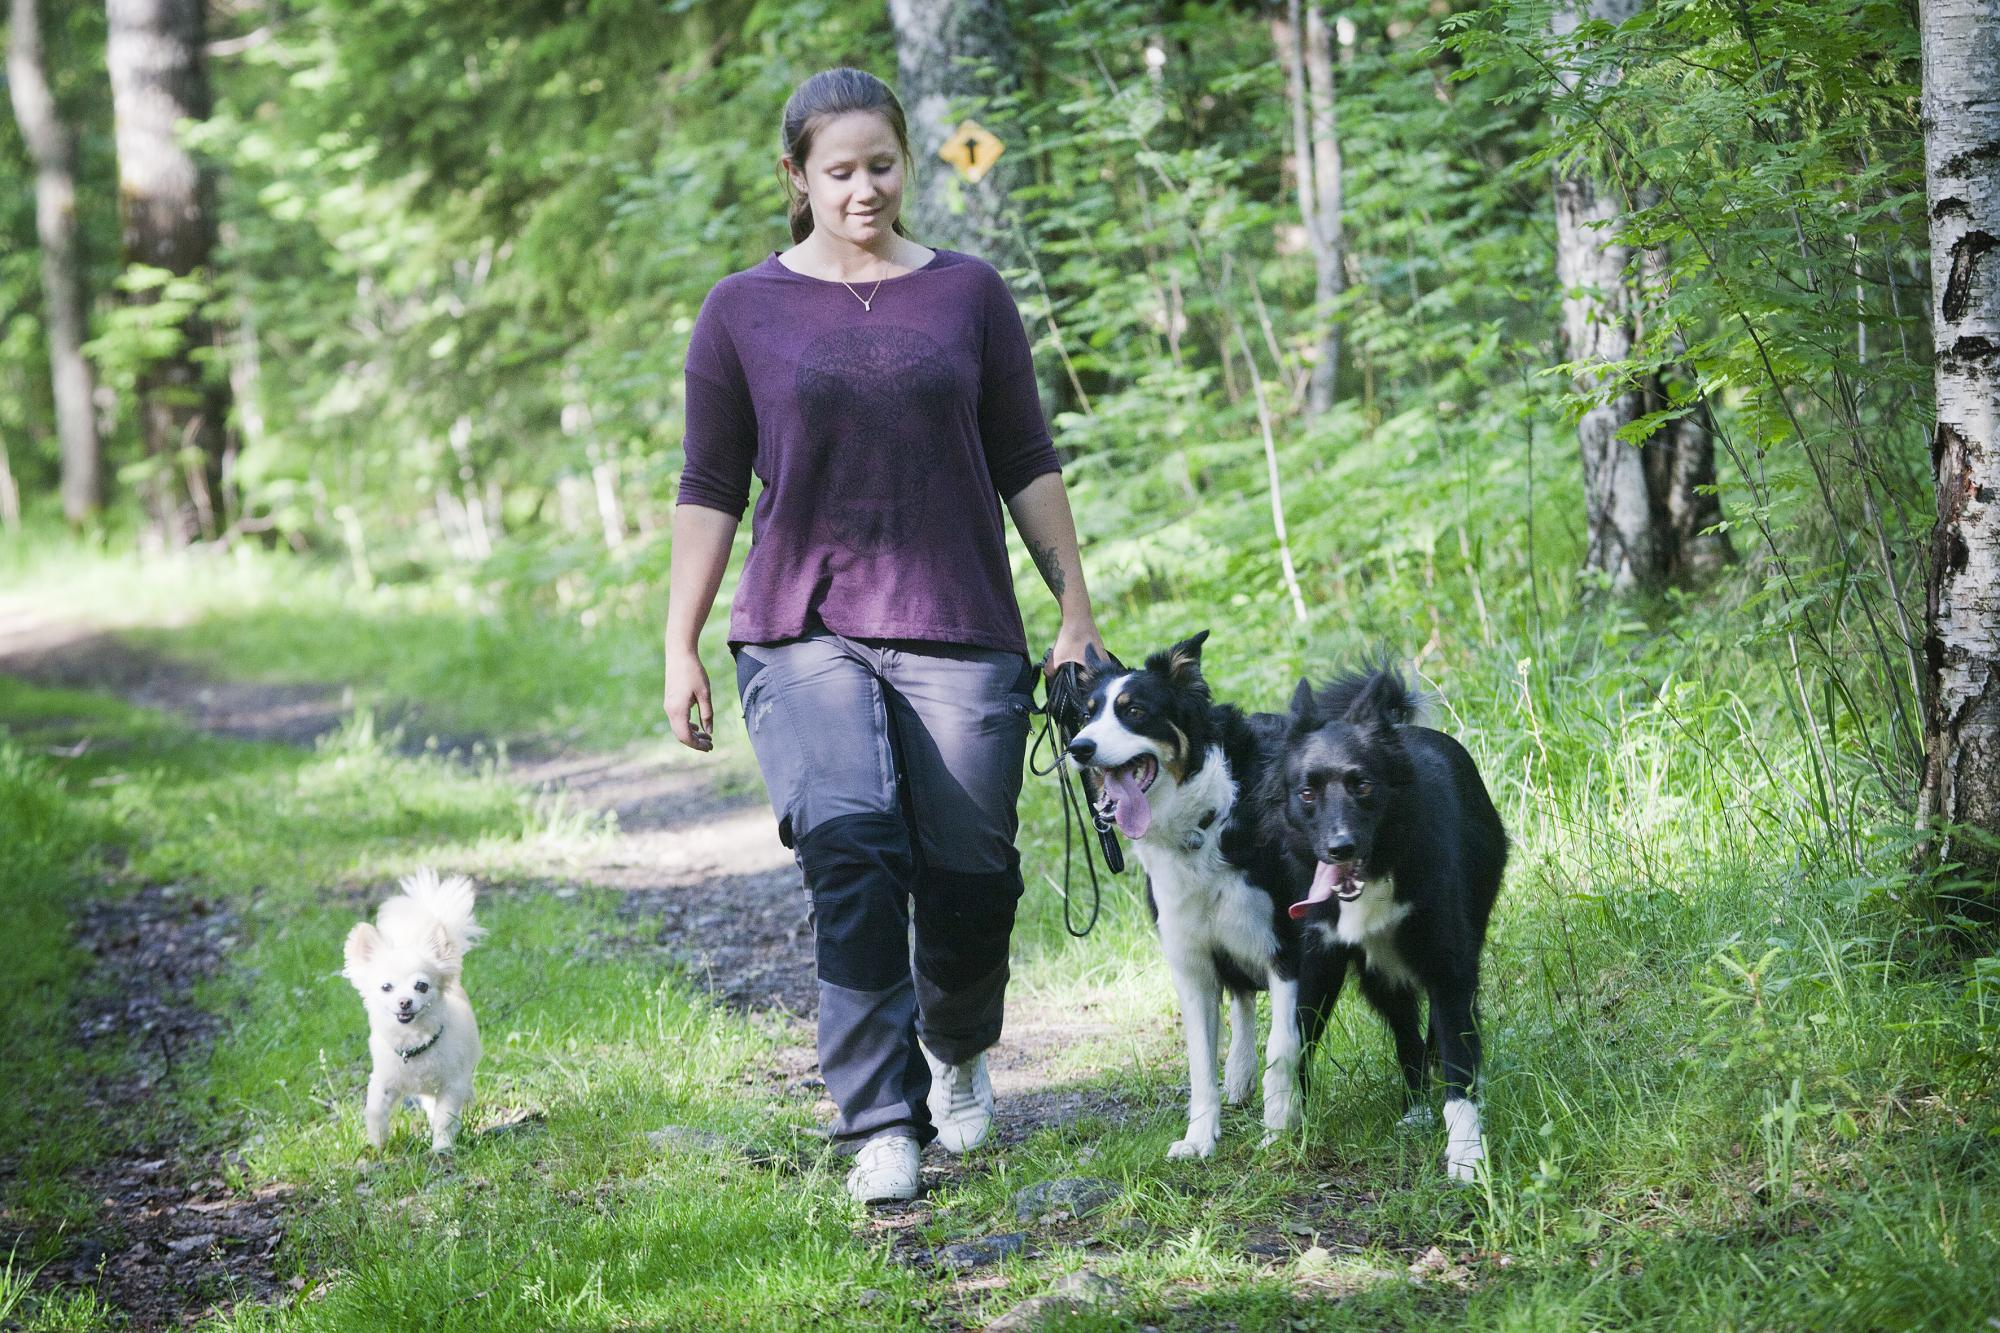 Isabelle gillar att vara ute i skogen använder den för avslappning och motion. Under tiden hon bott i Skinnskatteberg har hon endast mött någon enstaka person.